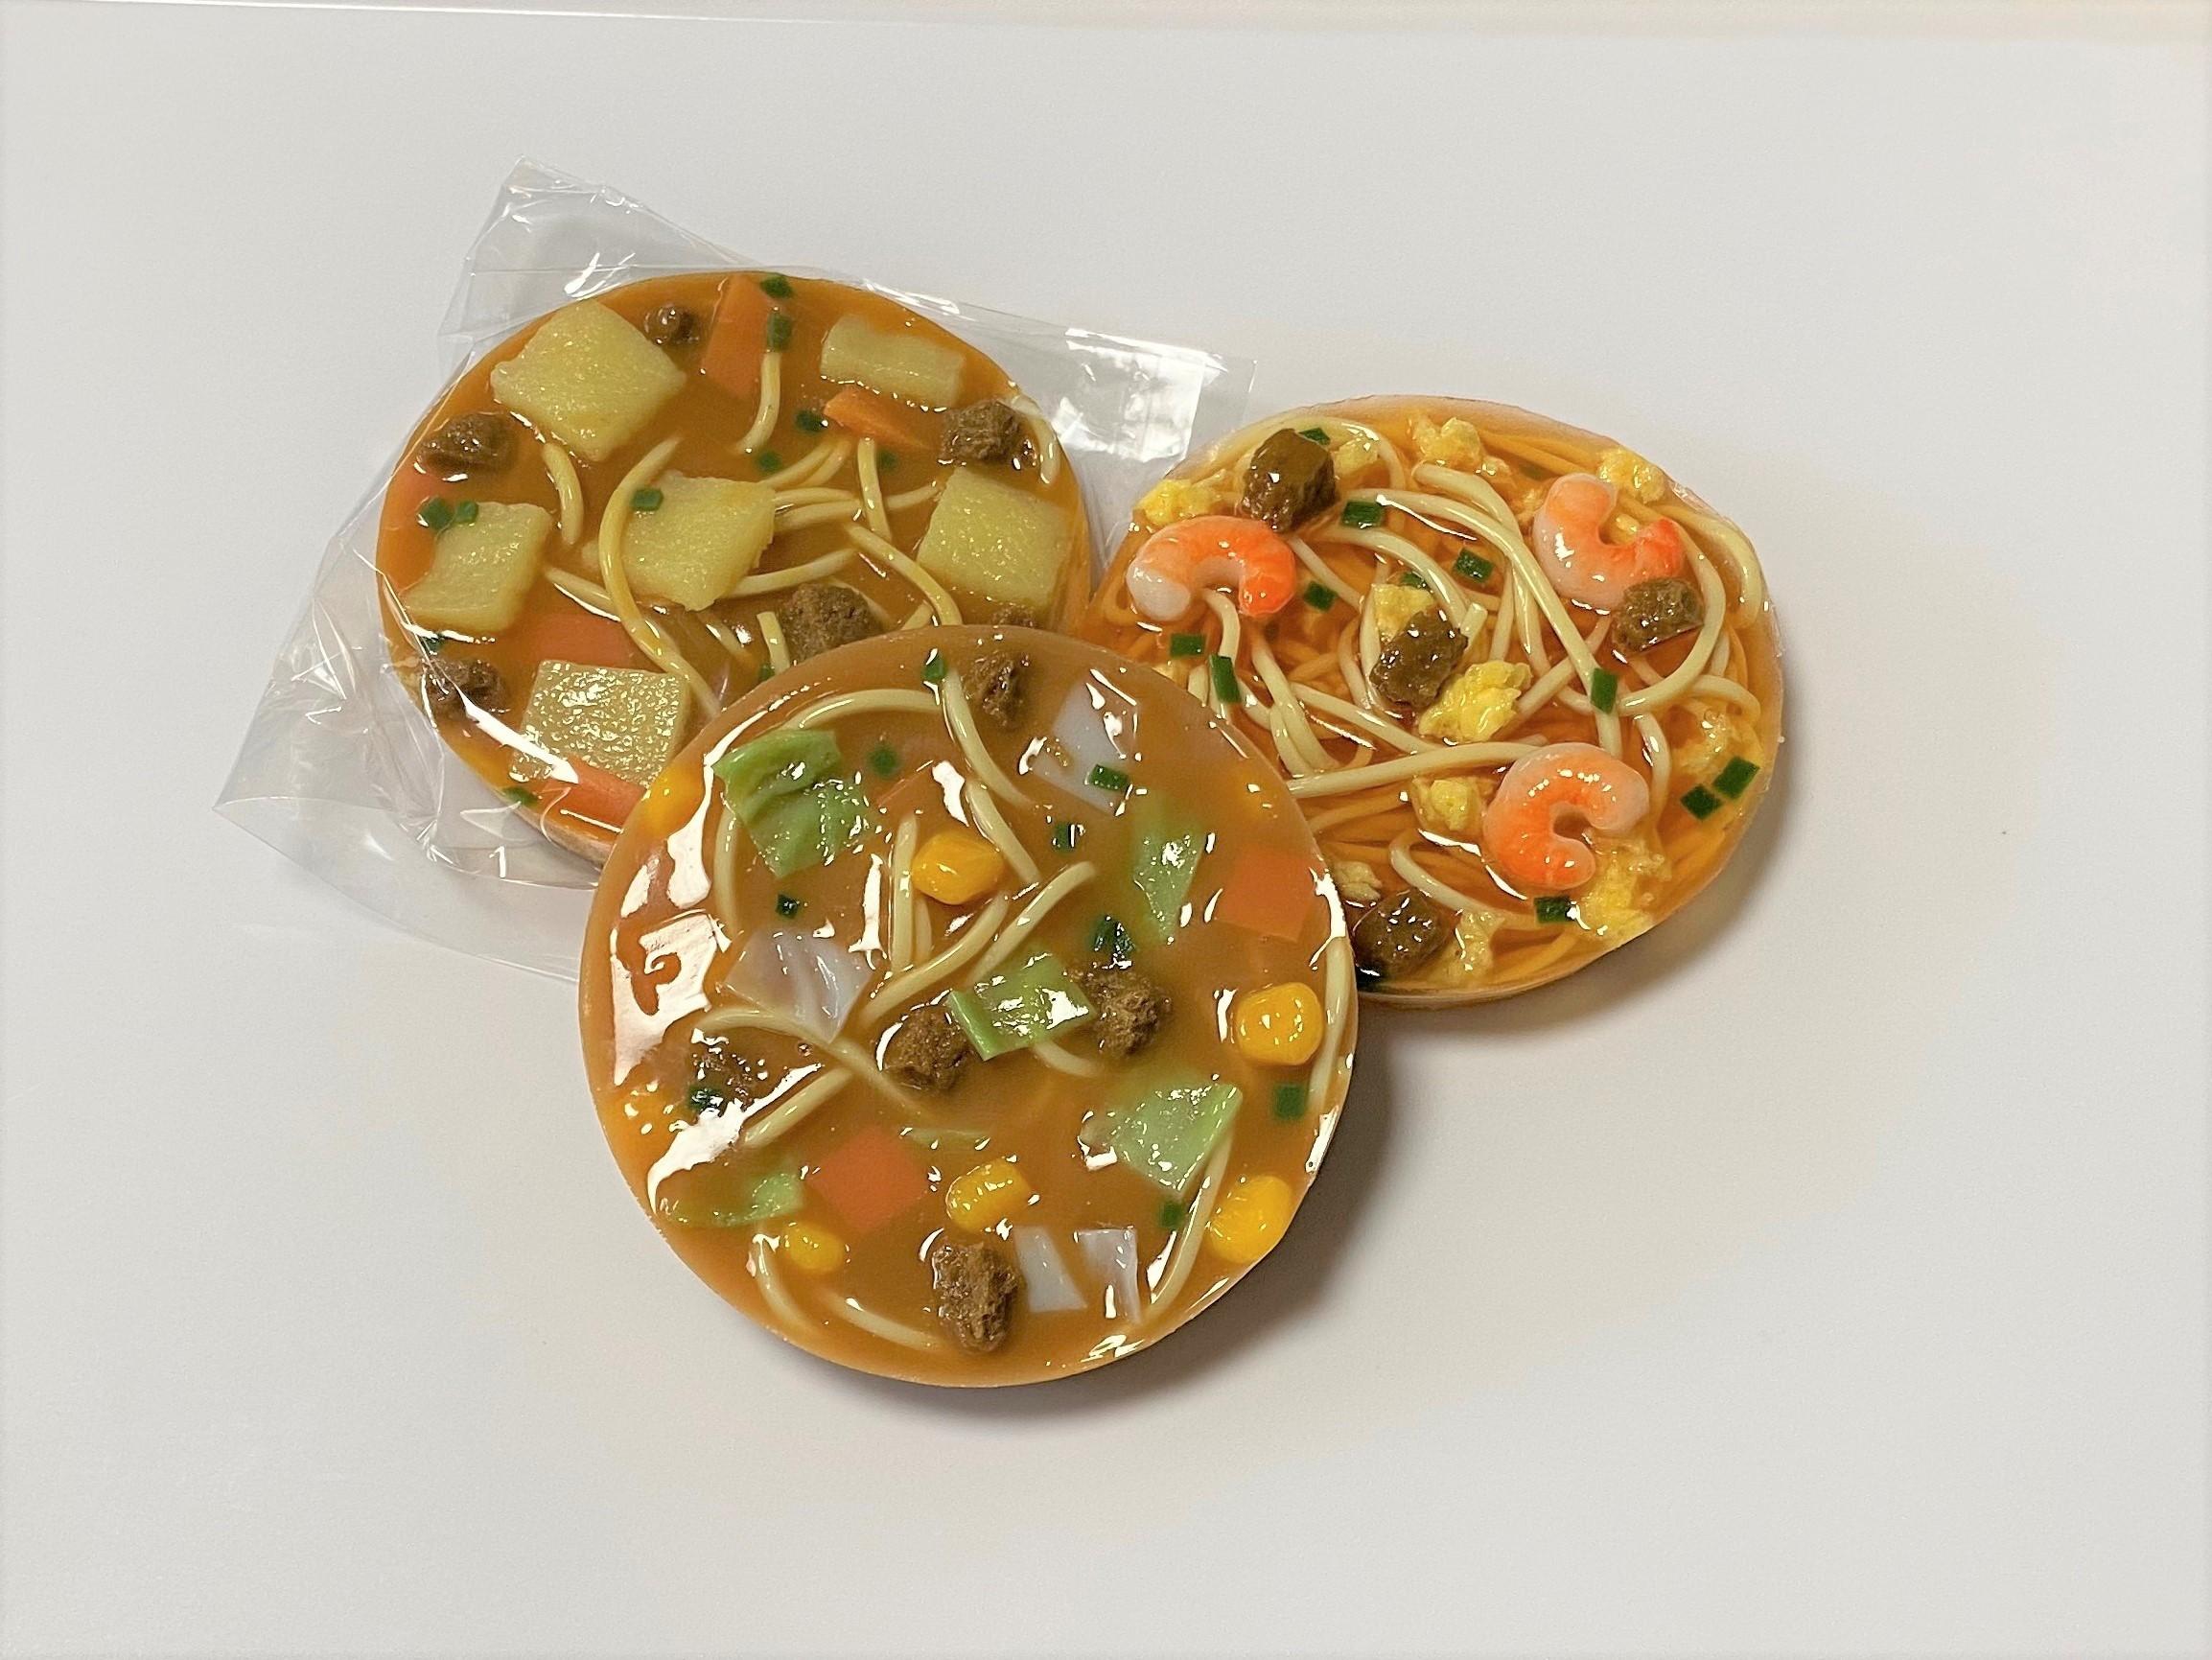 食品サンプル4 (2)